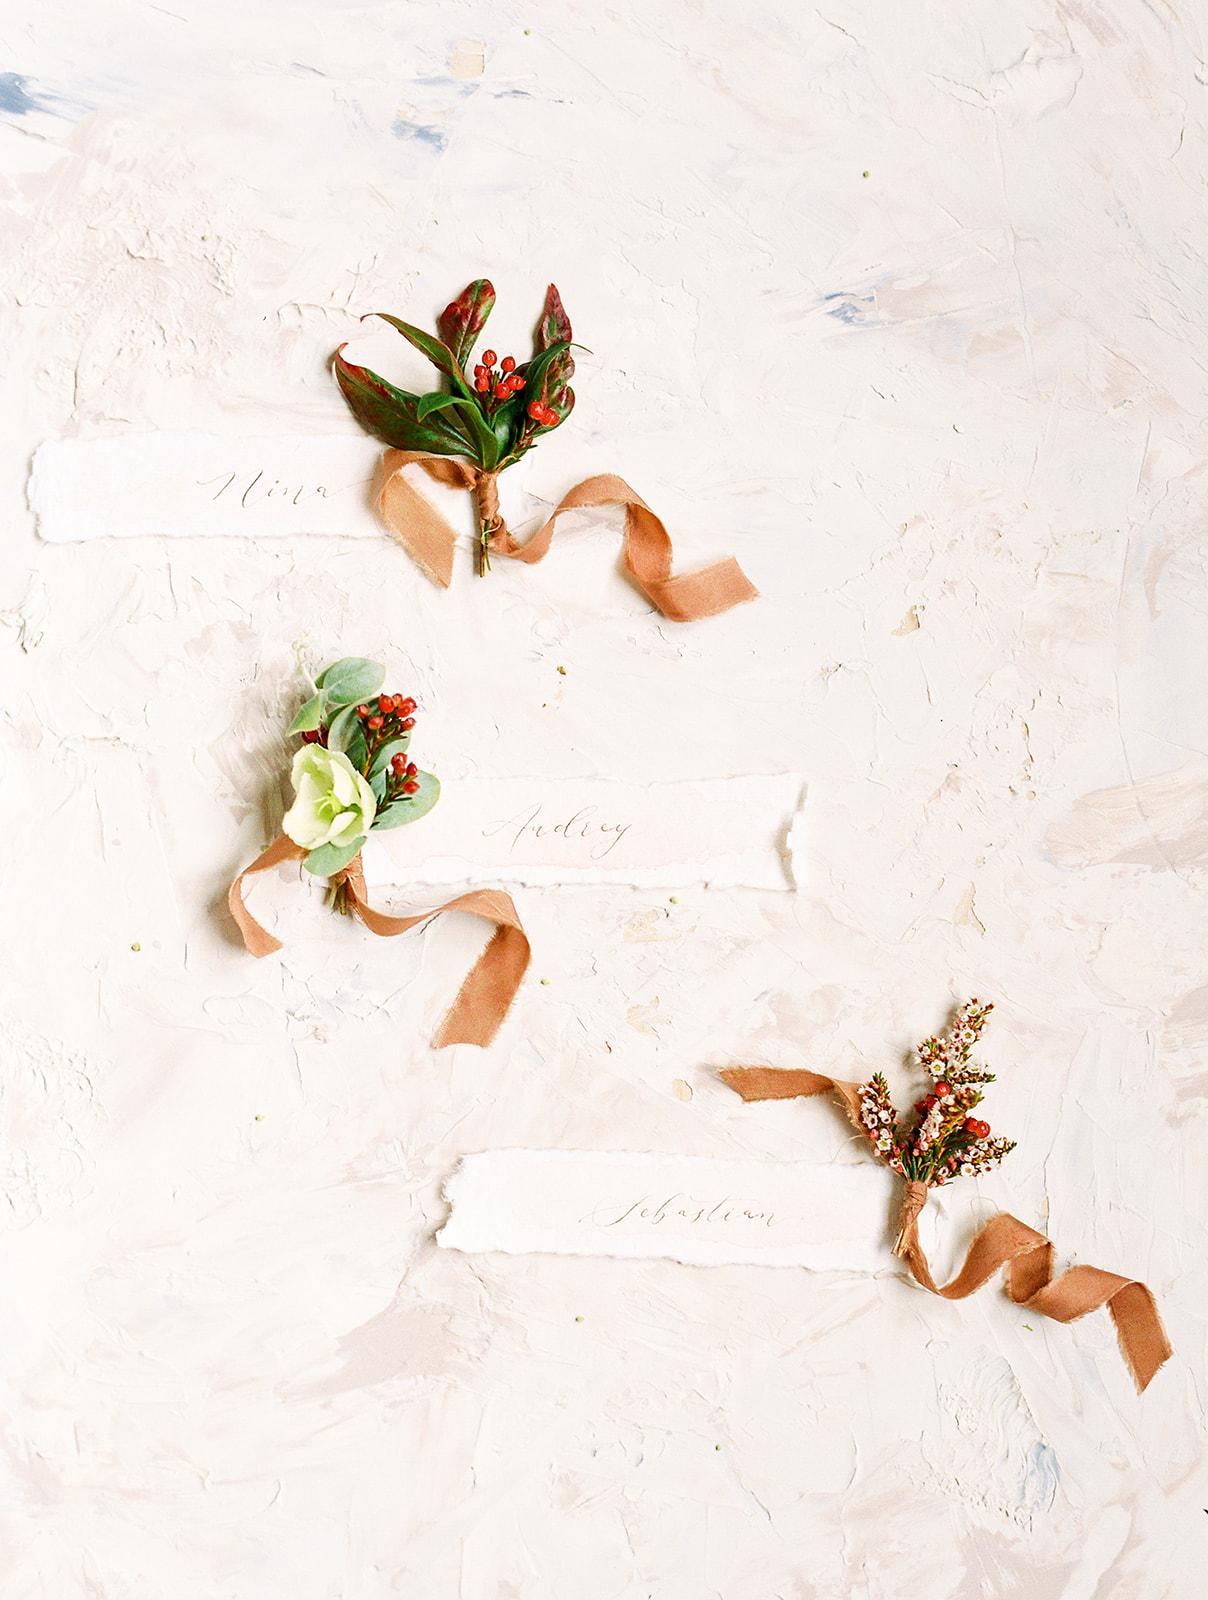 waop-gatheredfloral-branding-0026.jpg